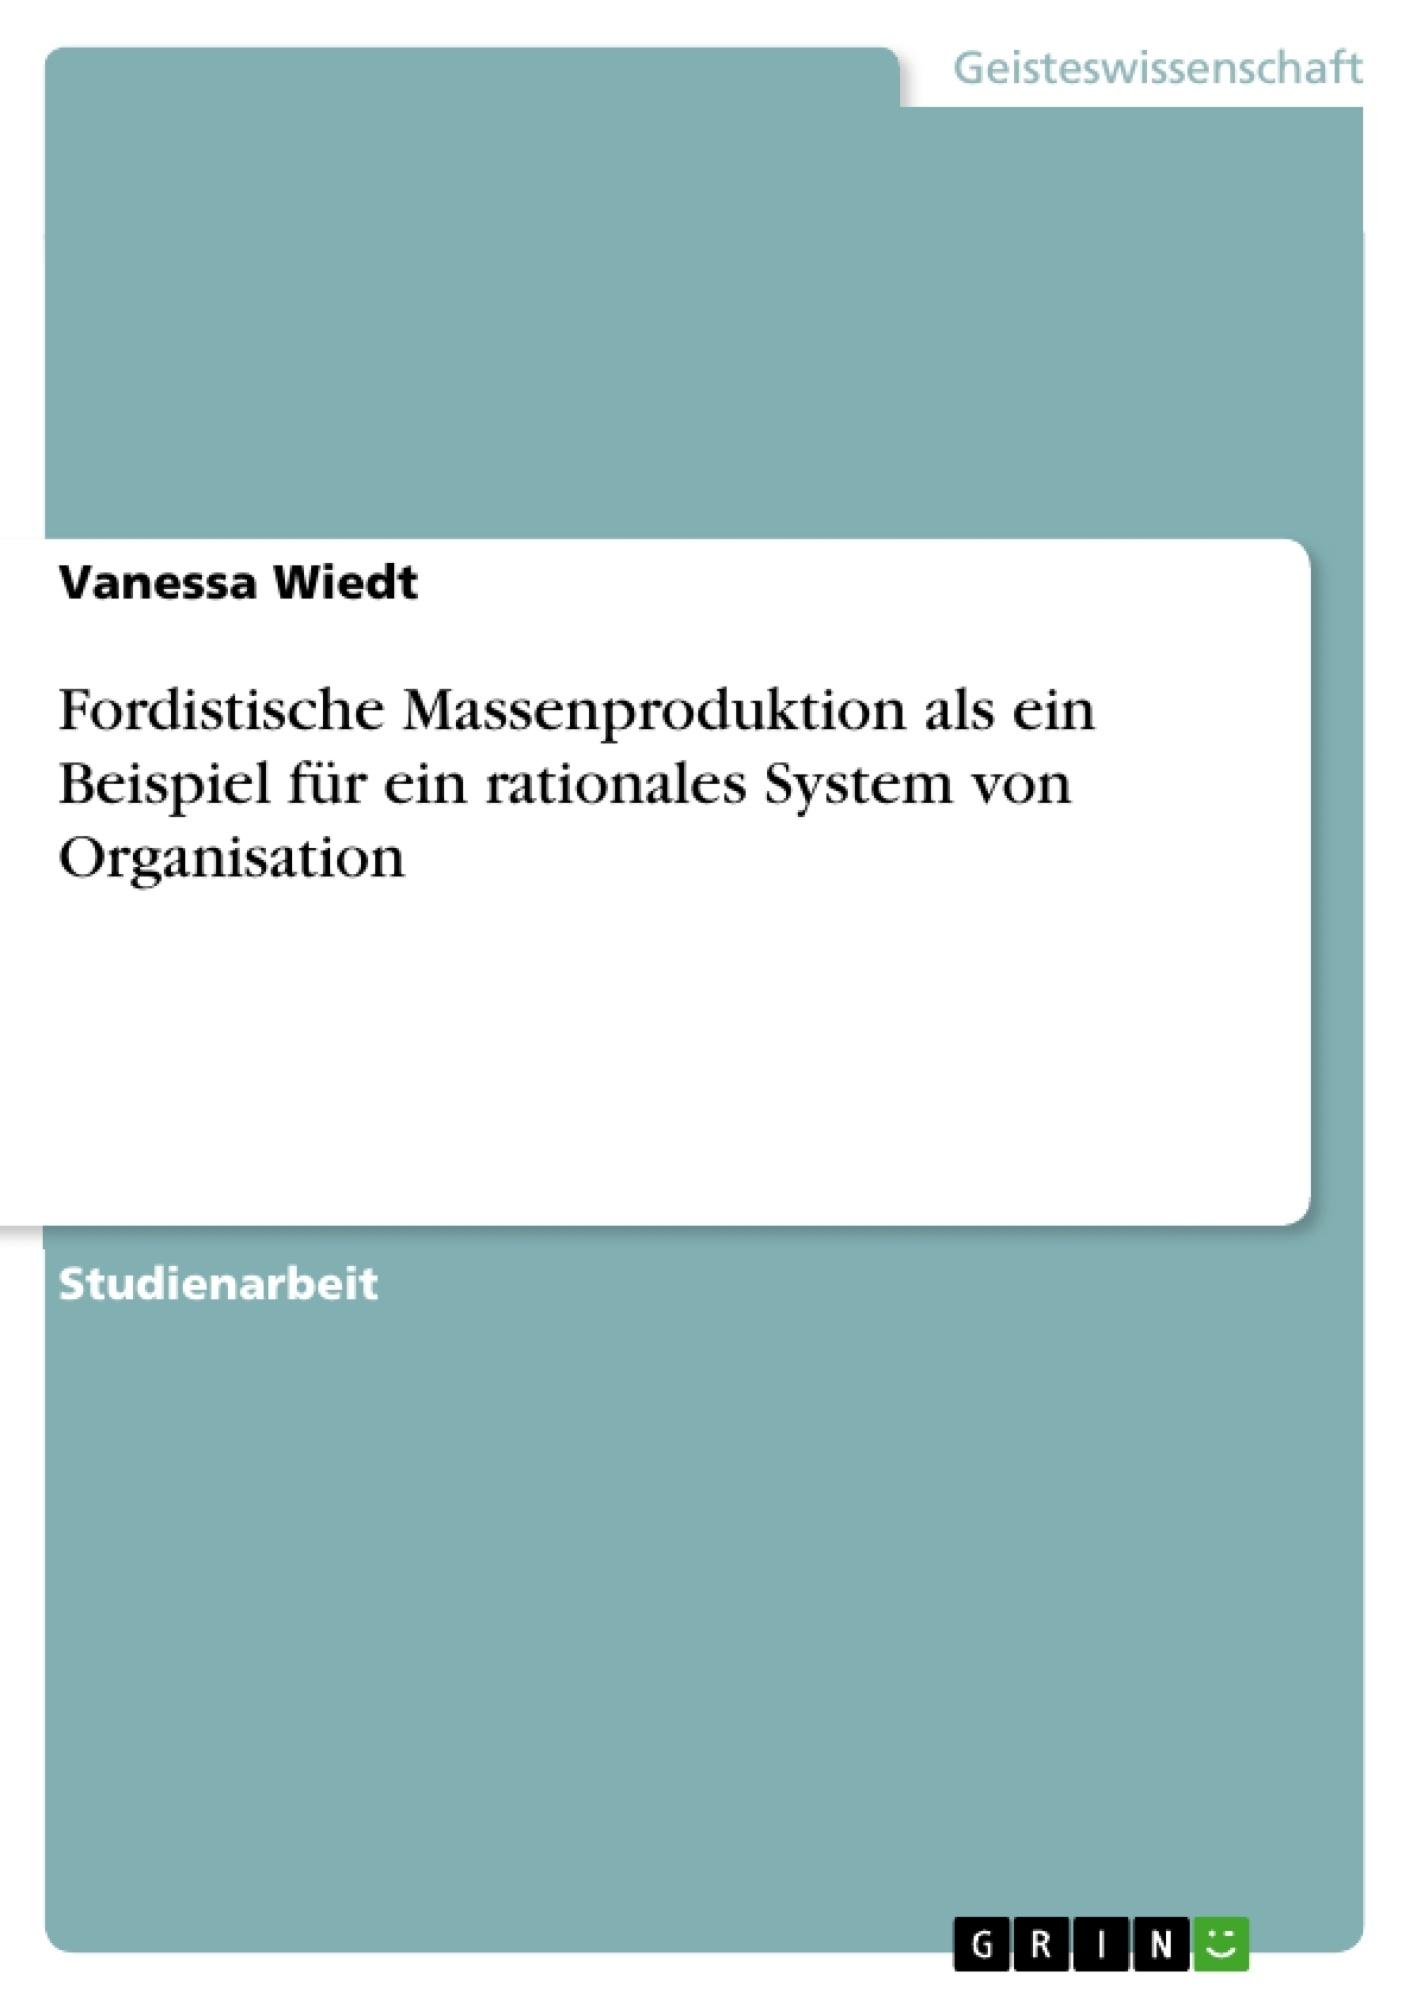 Titel: Fordistische Massenproduktion als ein Beispiel für ein rationales System von Organisation